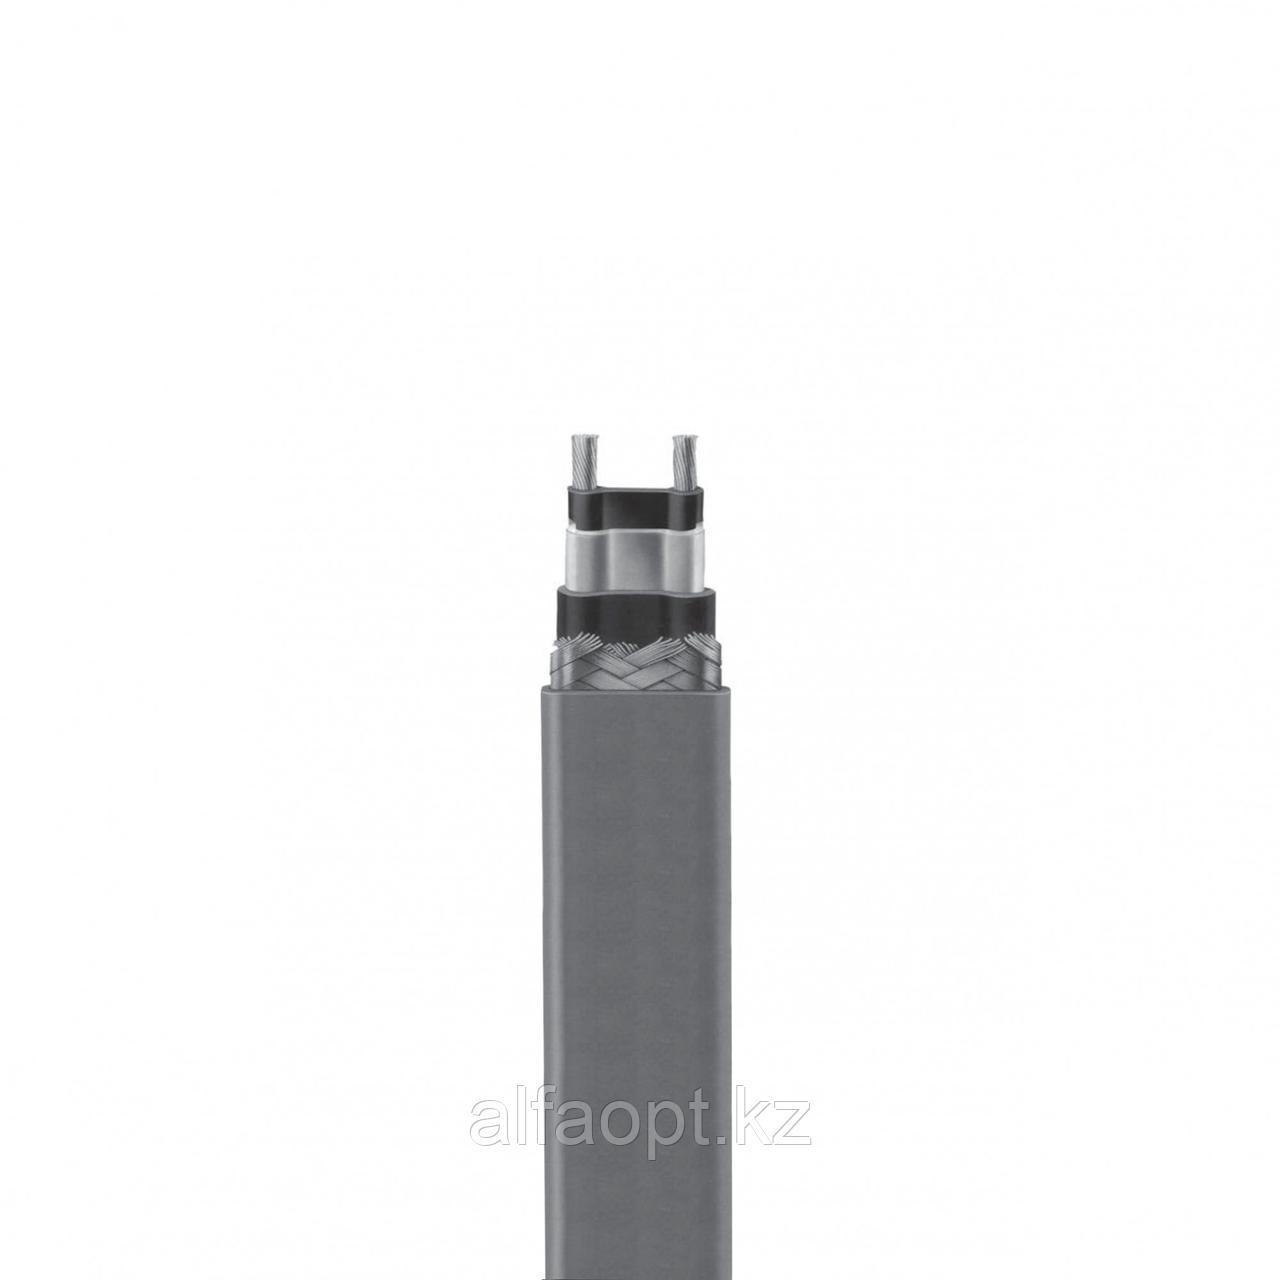 Саморегулирующийся нагревательный кабель NELSON LT-28 – JT